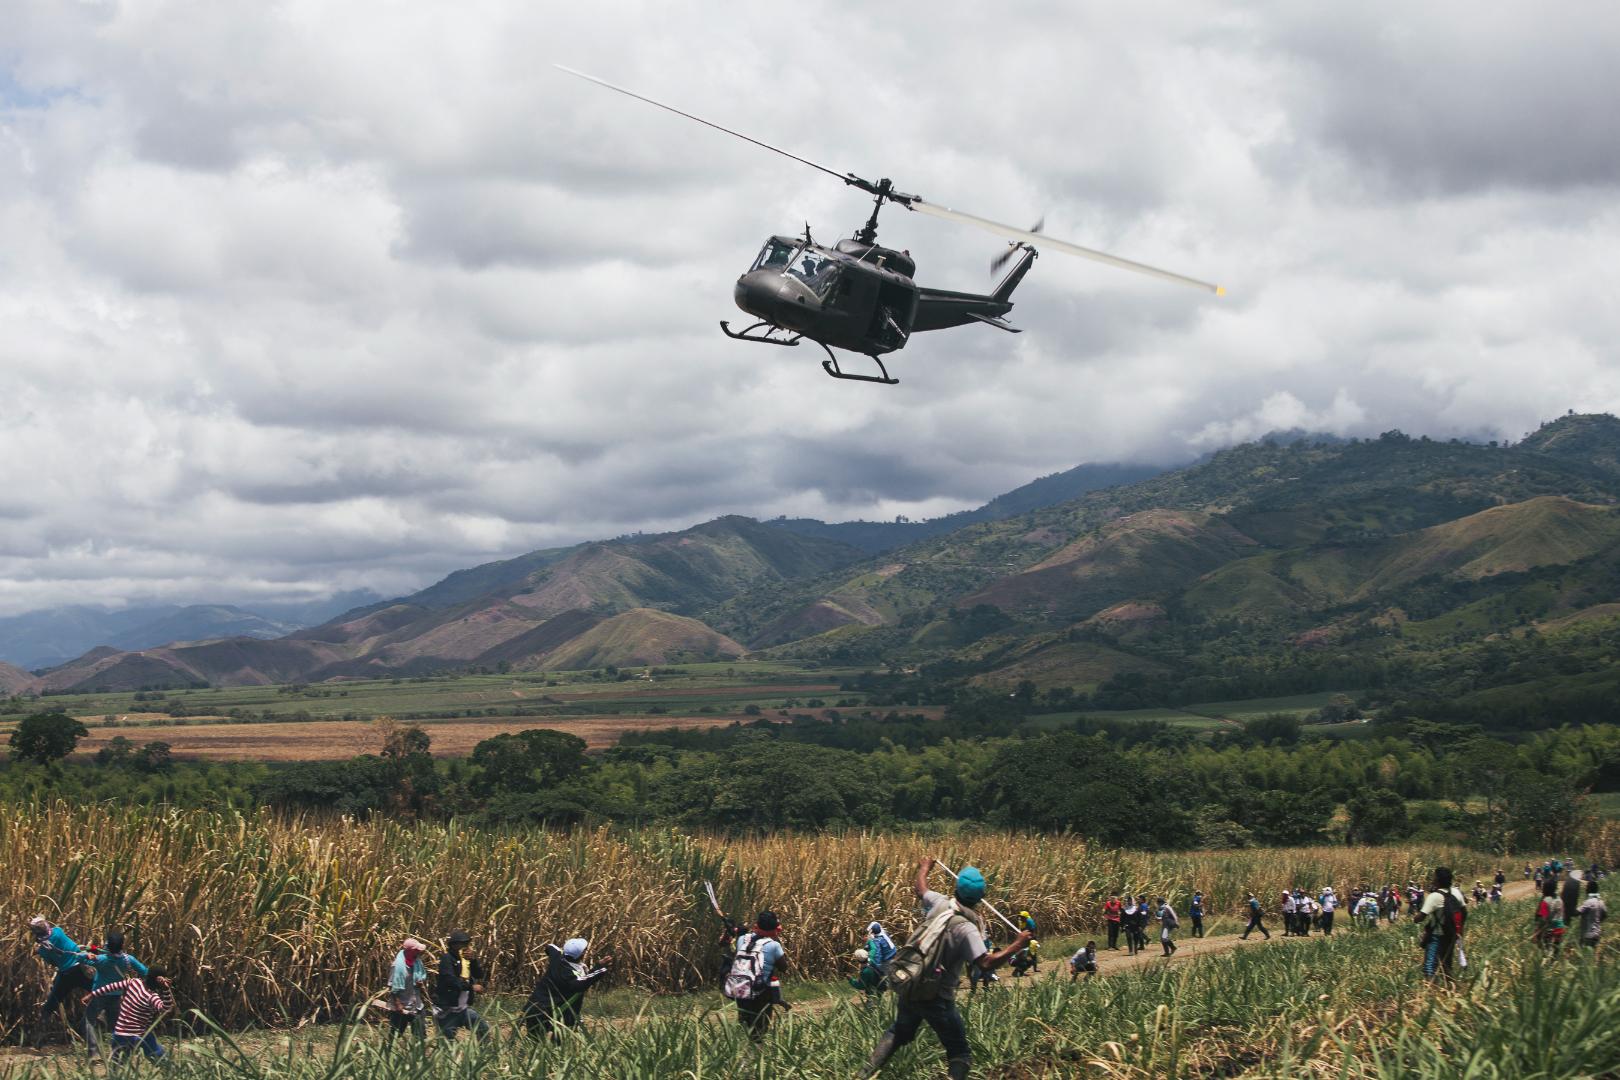 Landbesetzung in der Region Cauca